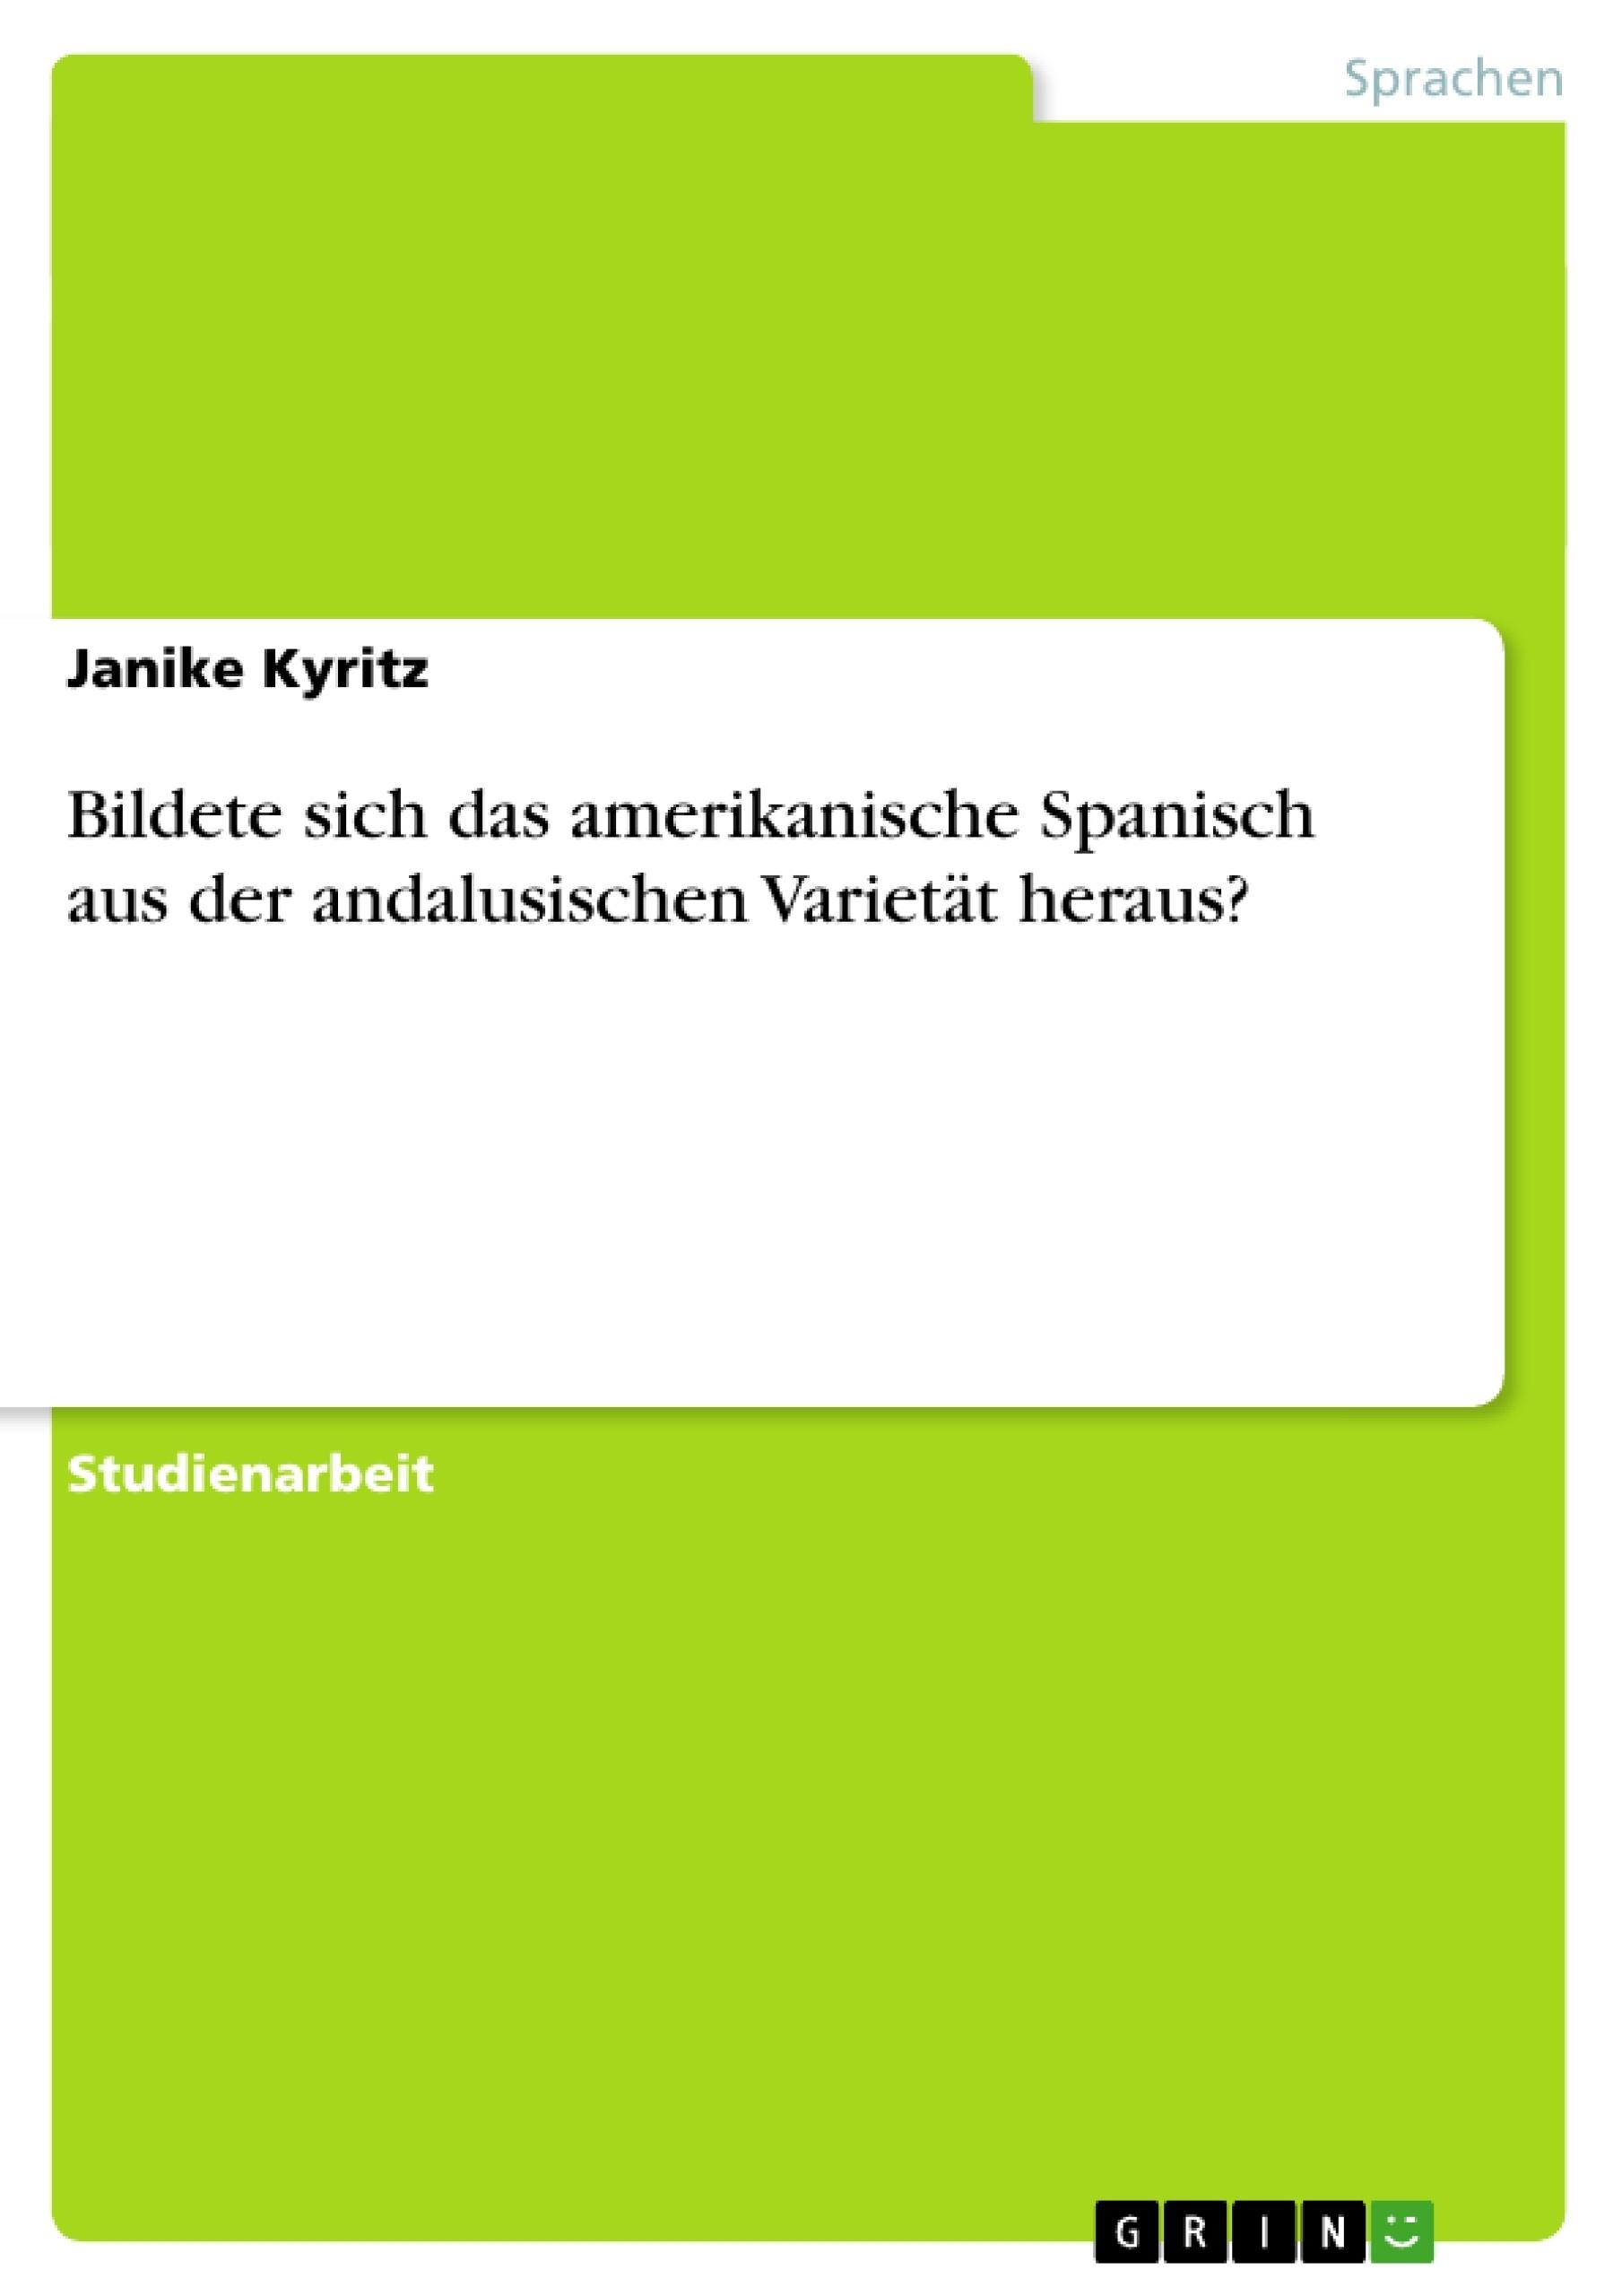 Titel: Bildete sich das amerikanische Spanisch aus der andalusischen Varietät heraus?